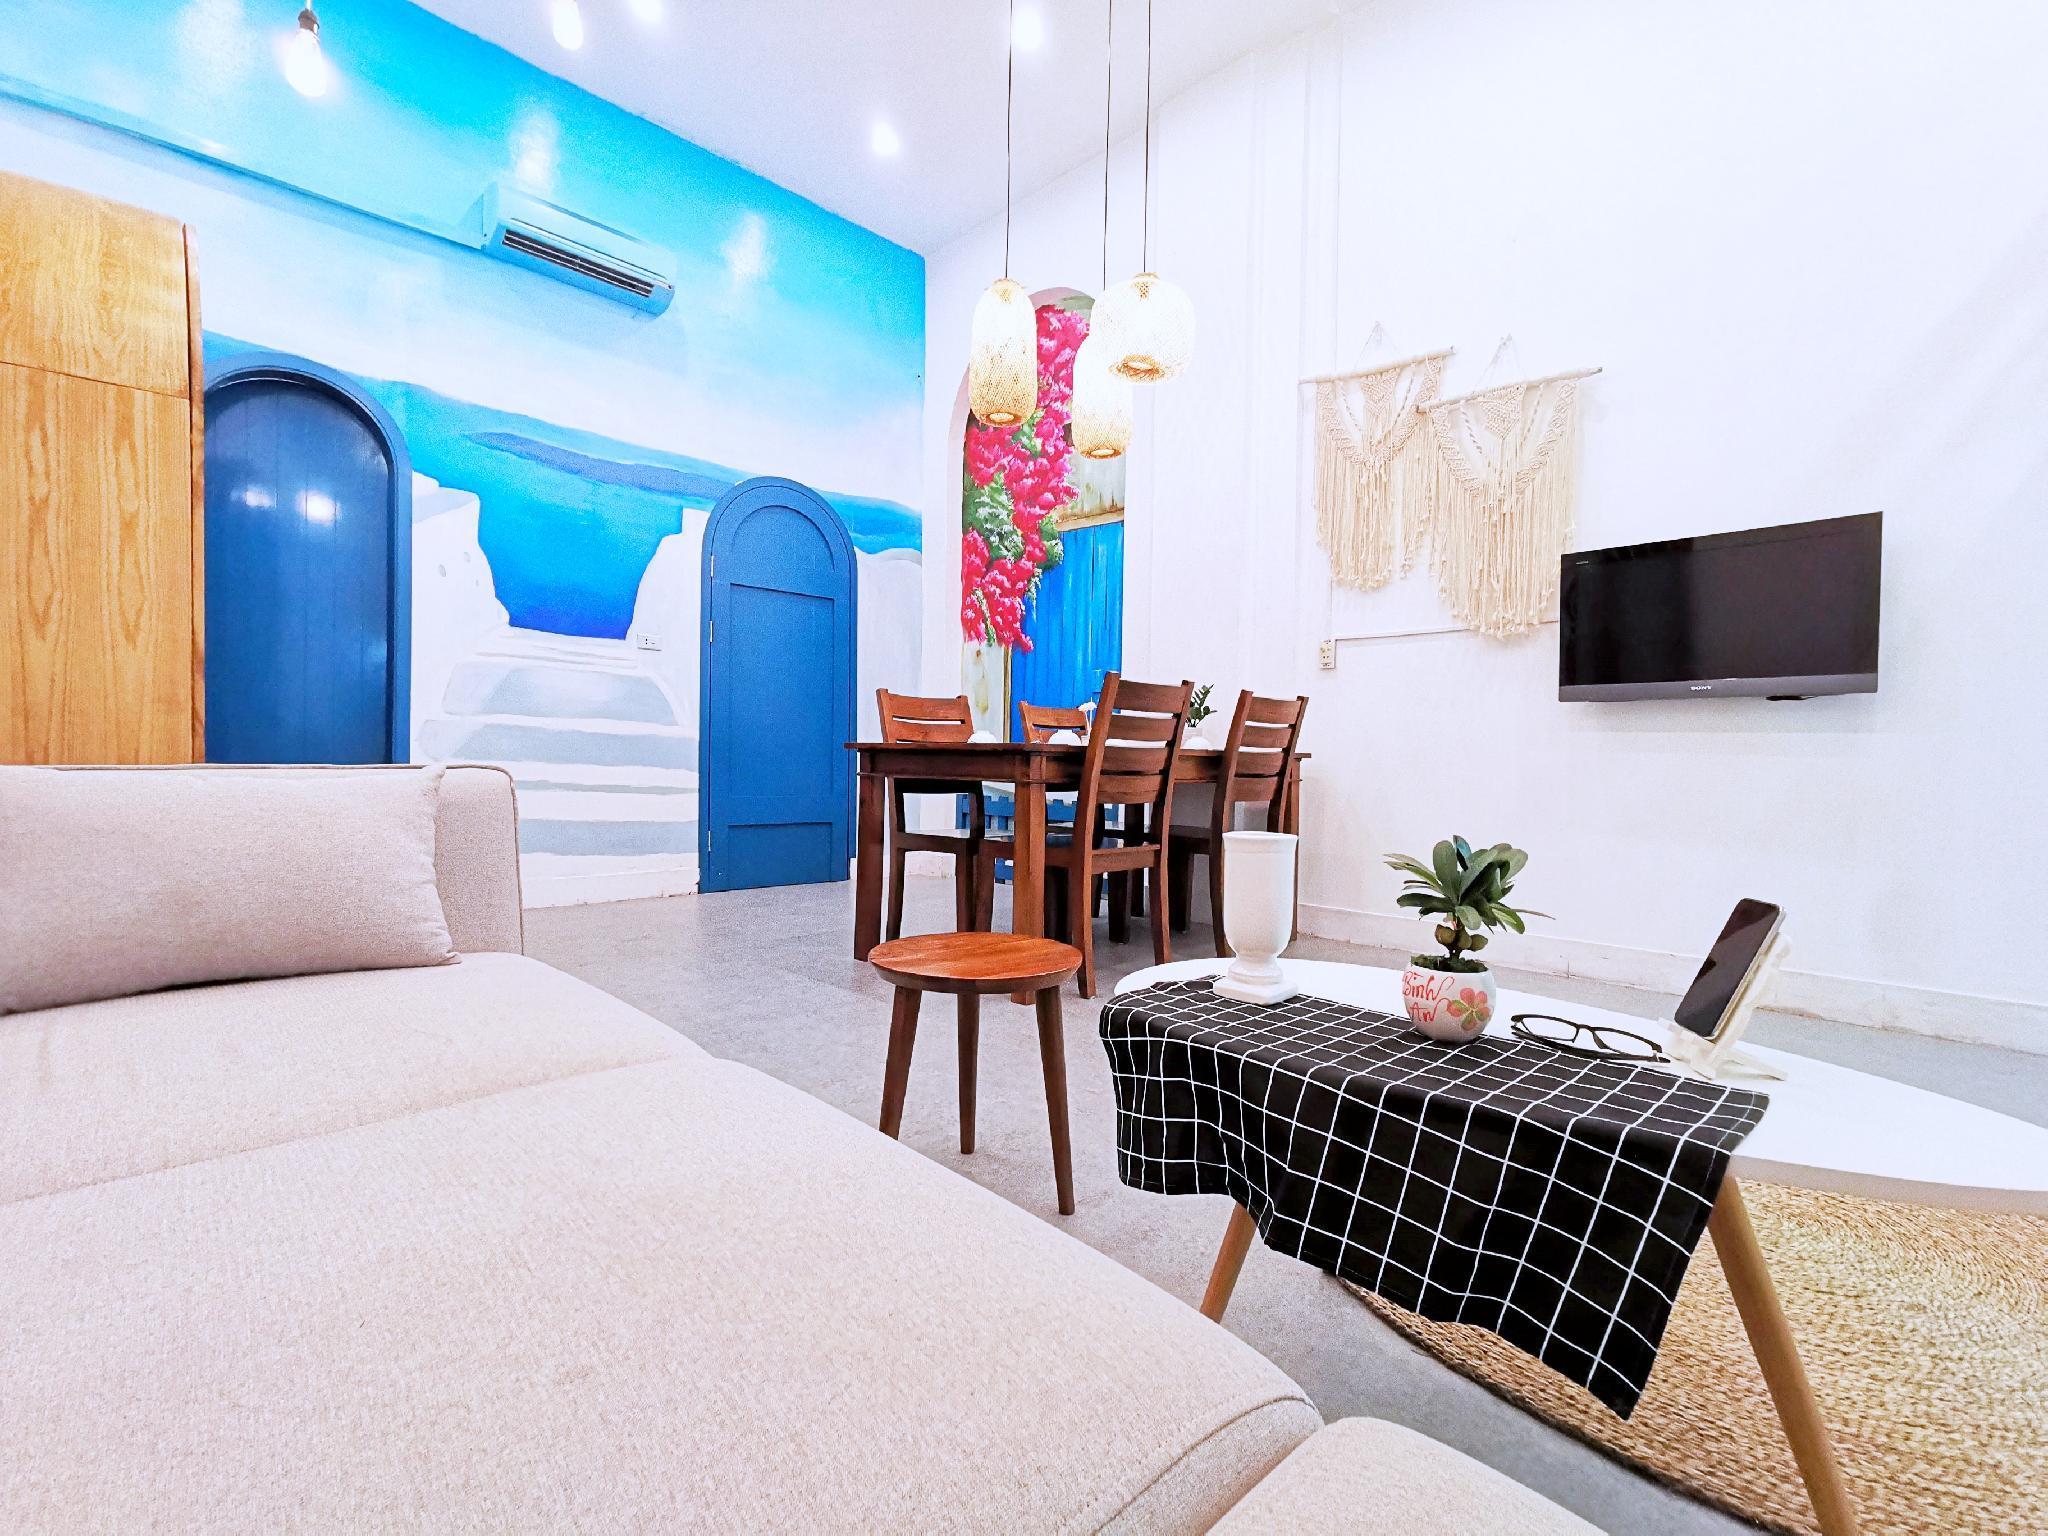 Chez Max's Santorini Duplex